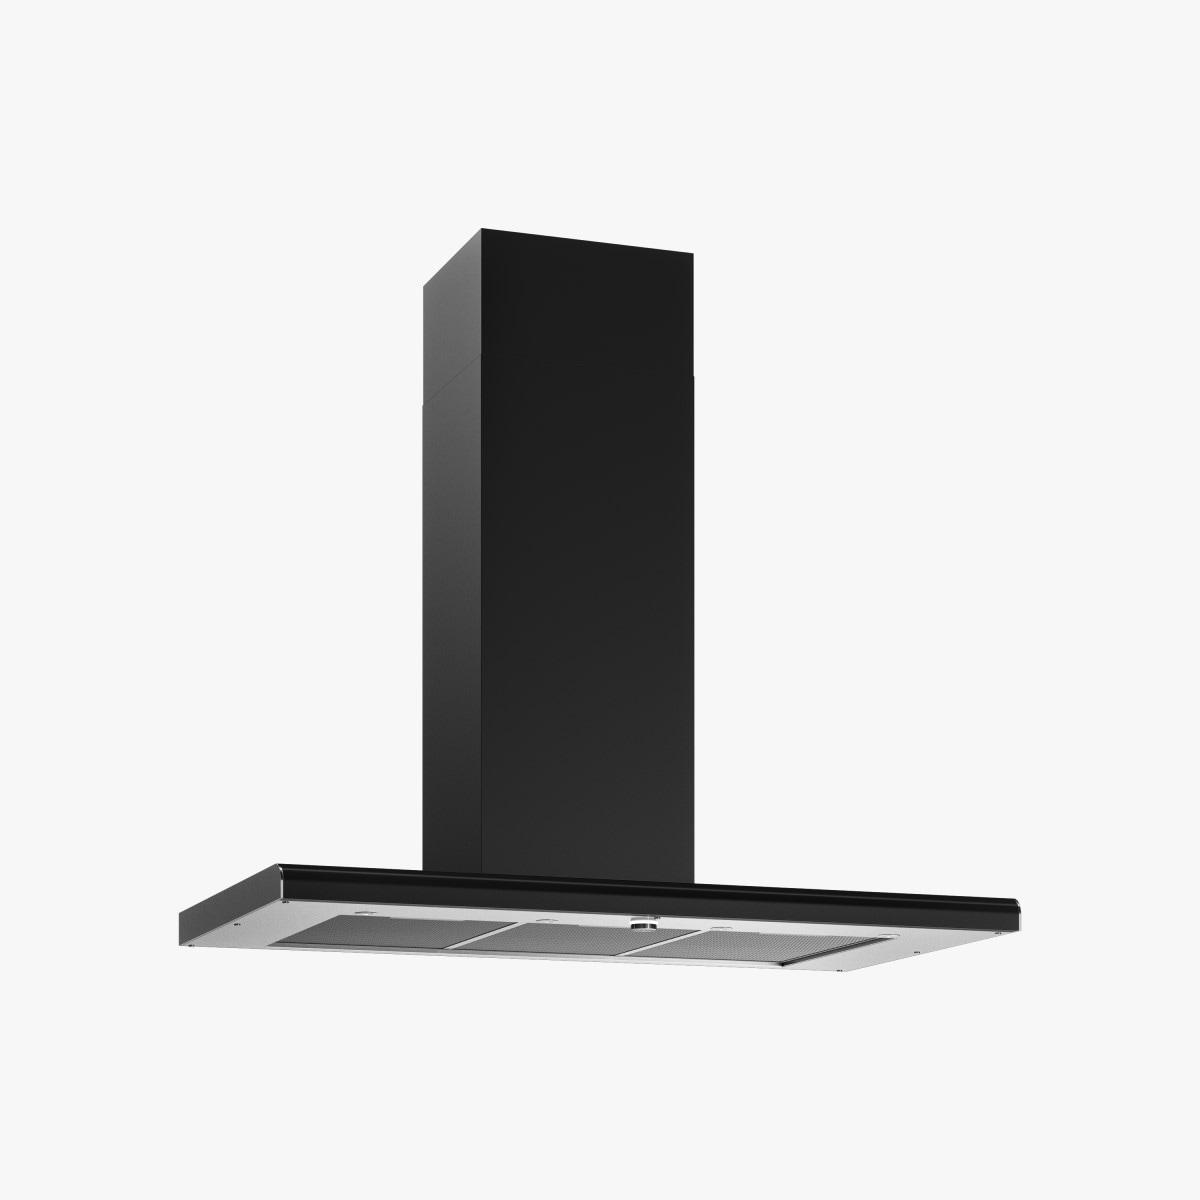 Produktbild på köksfläkt Intro 90 cm i svart utförande.